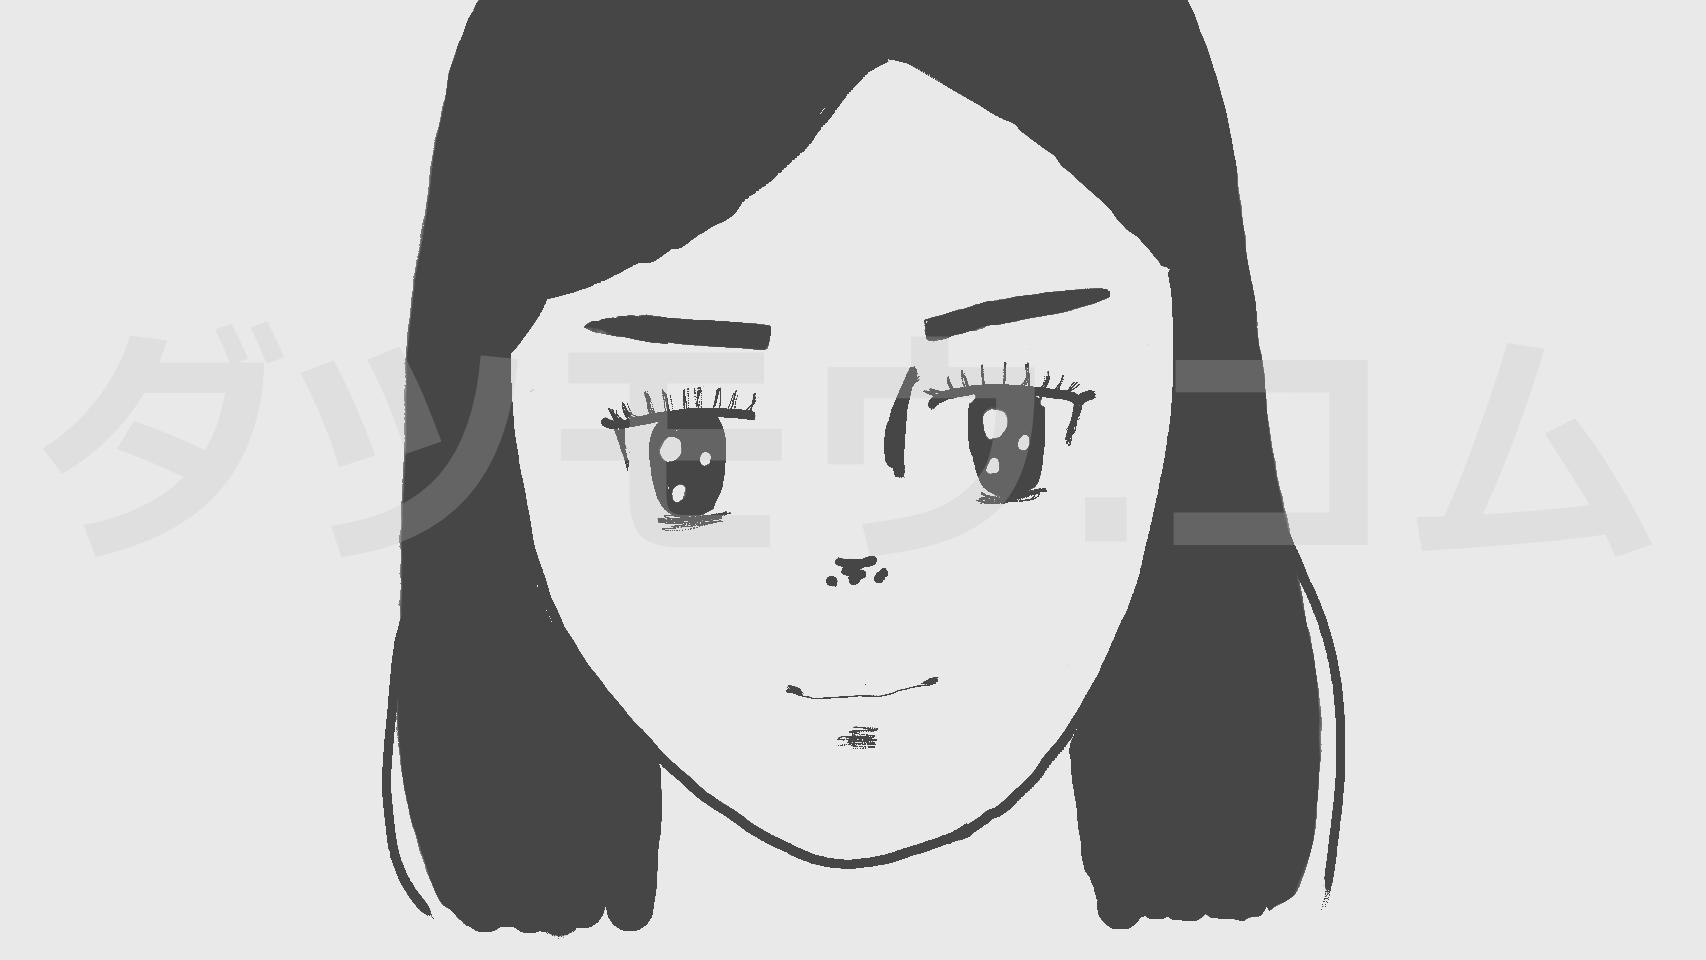 眉毛が真っすぐの女の子